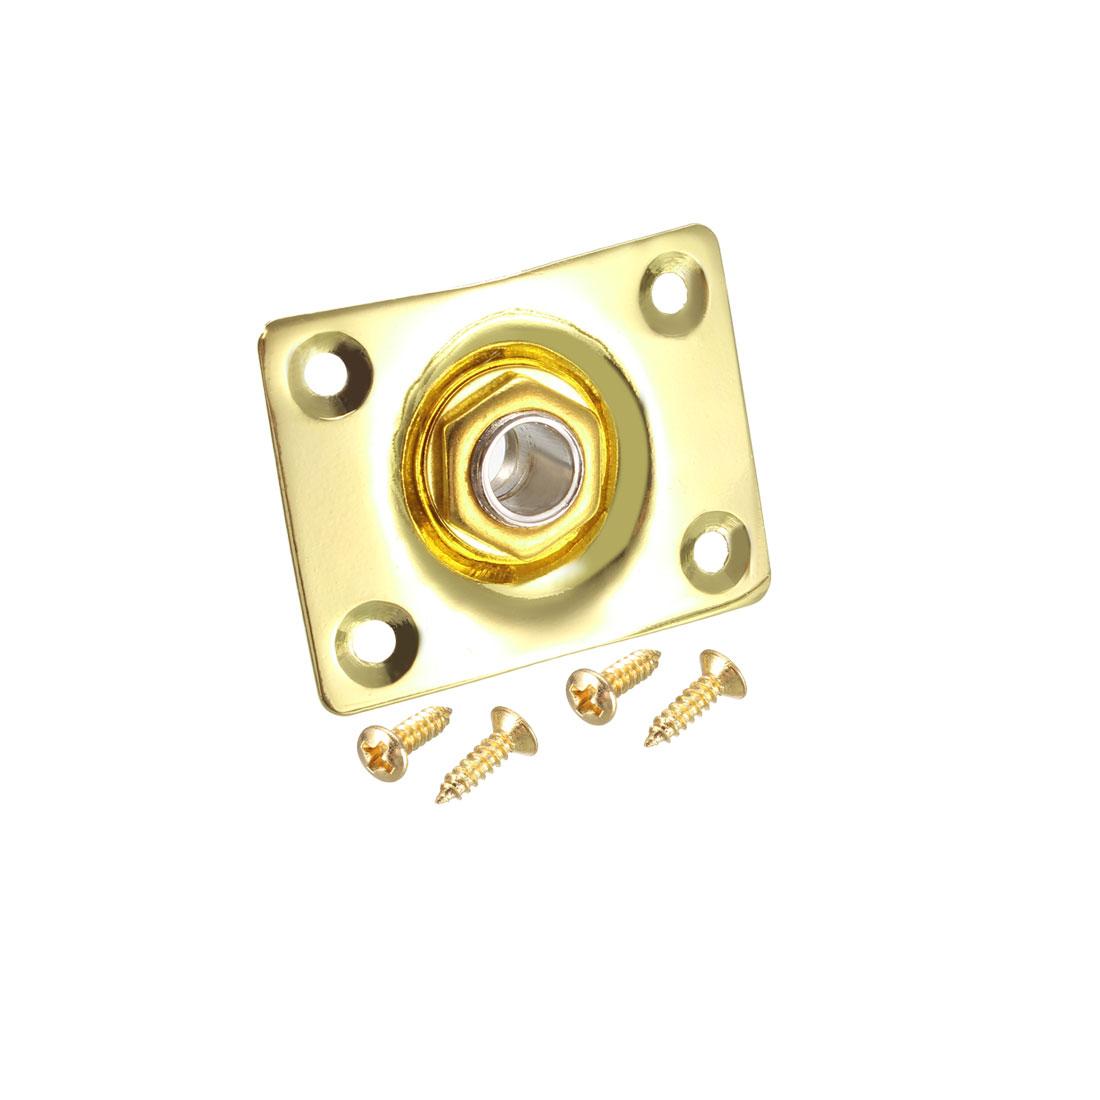 1/4 Inch Guitar Mono Output Jack Plate Socket for LP/EPI Electric Guitar Golden